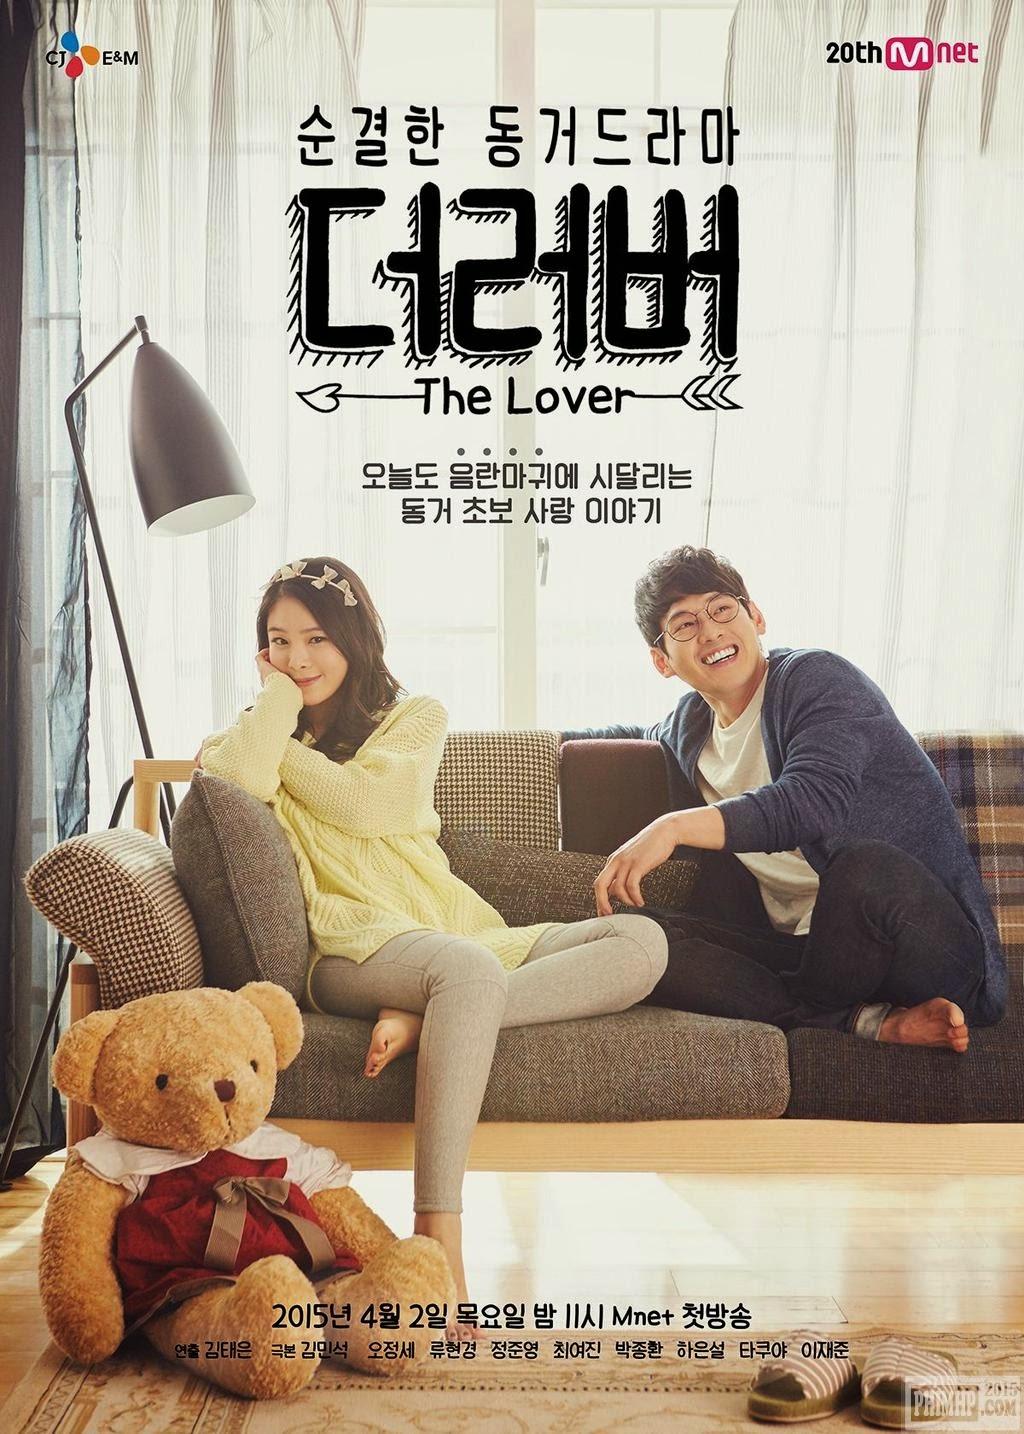 poster Chung cư tình yêu